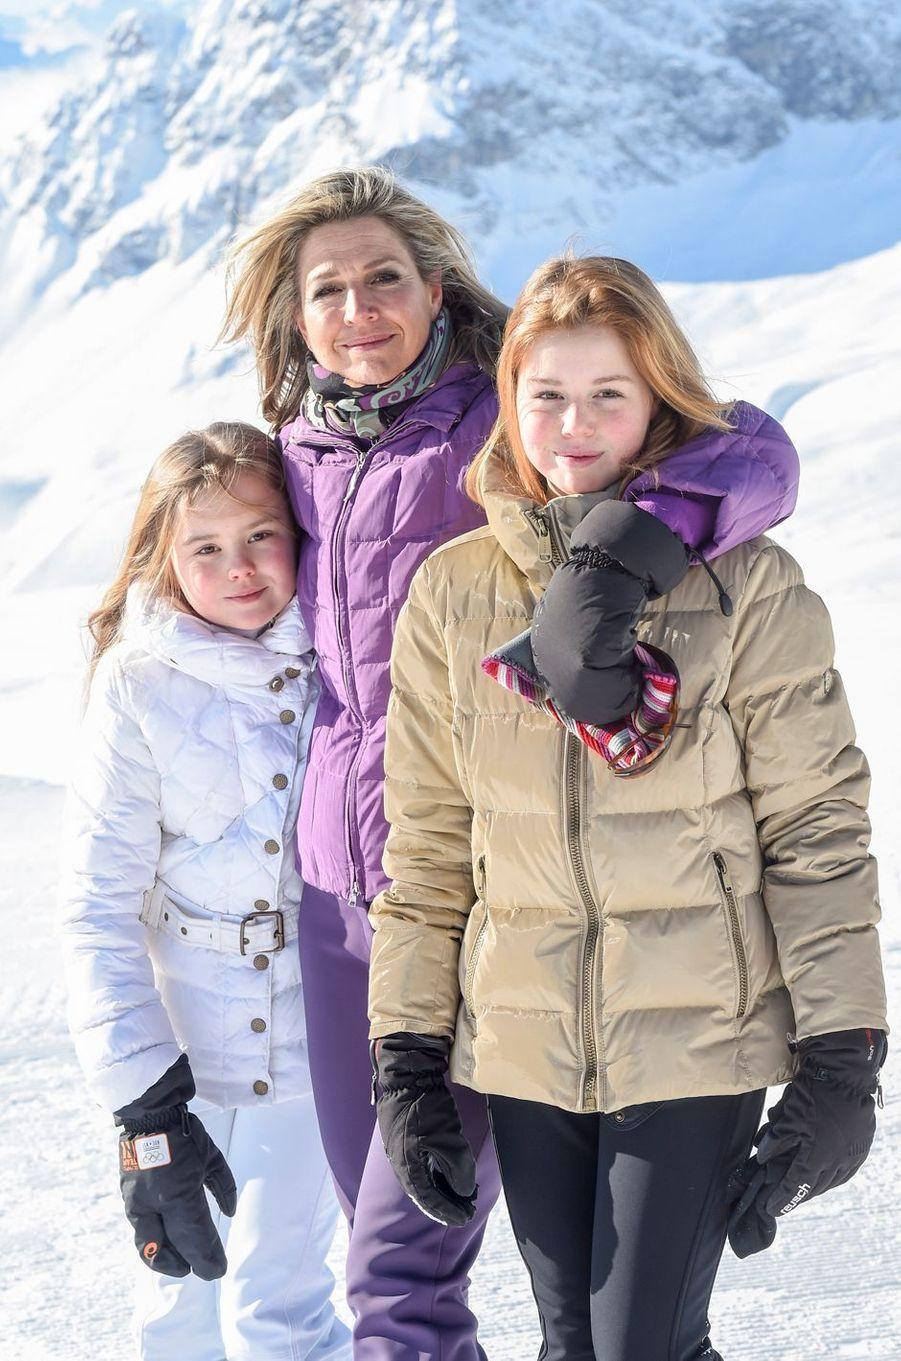 La reine Maxima des Pays-Bas avec les princesses Ariane et Alexia à Lech, le 26 février 2018